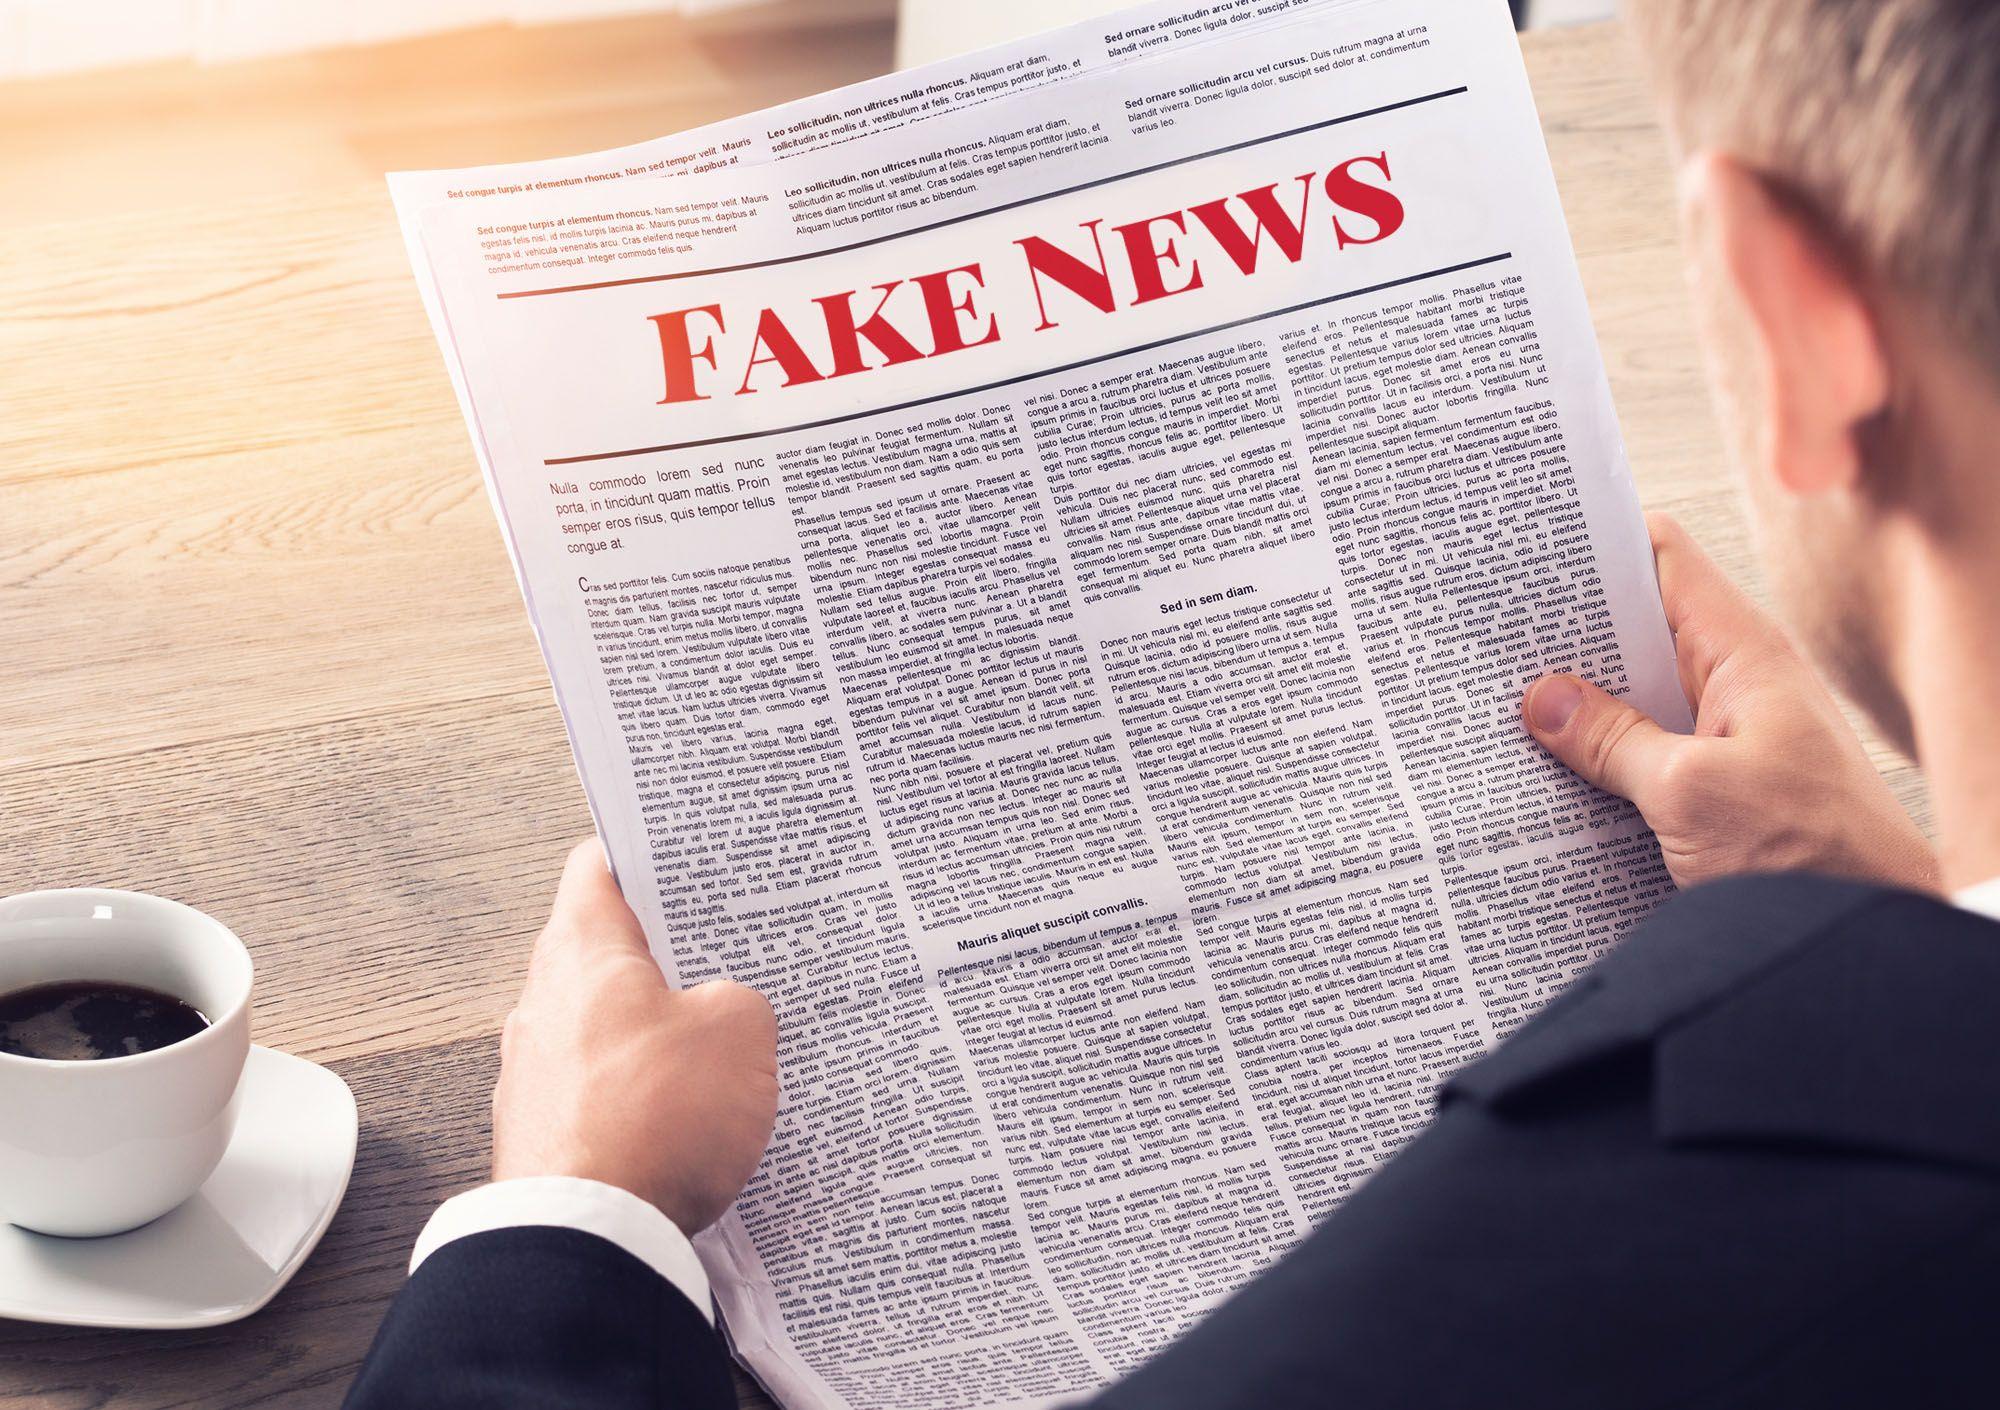 Pré-candidatos criam 'carimbo' fake News